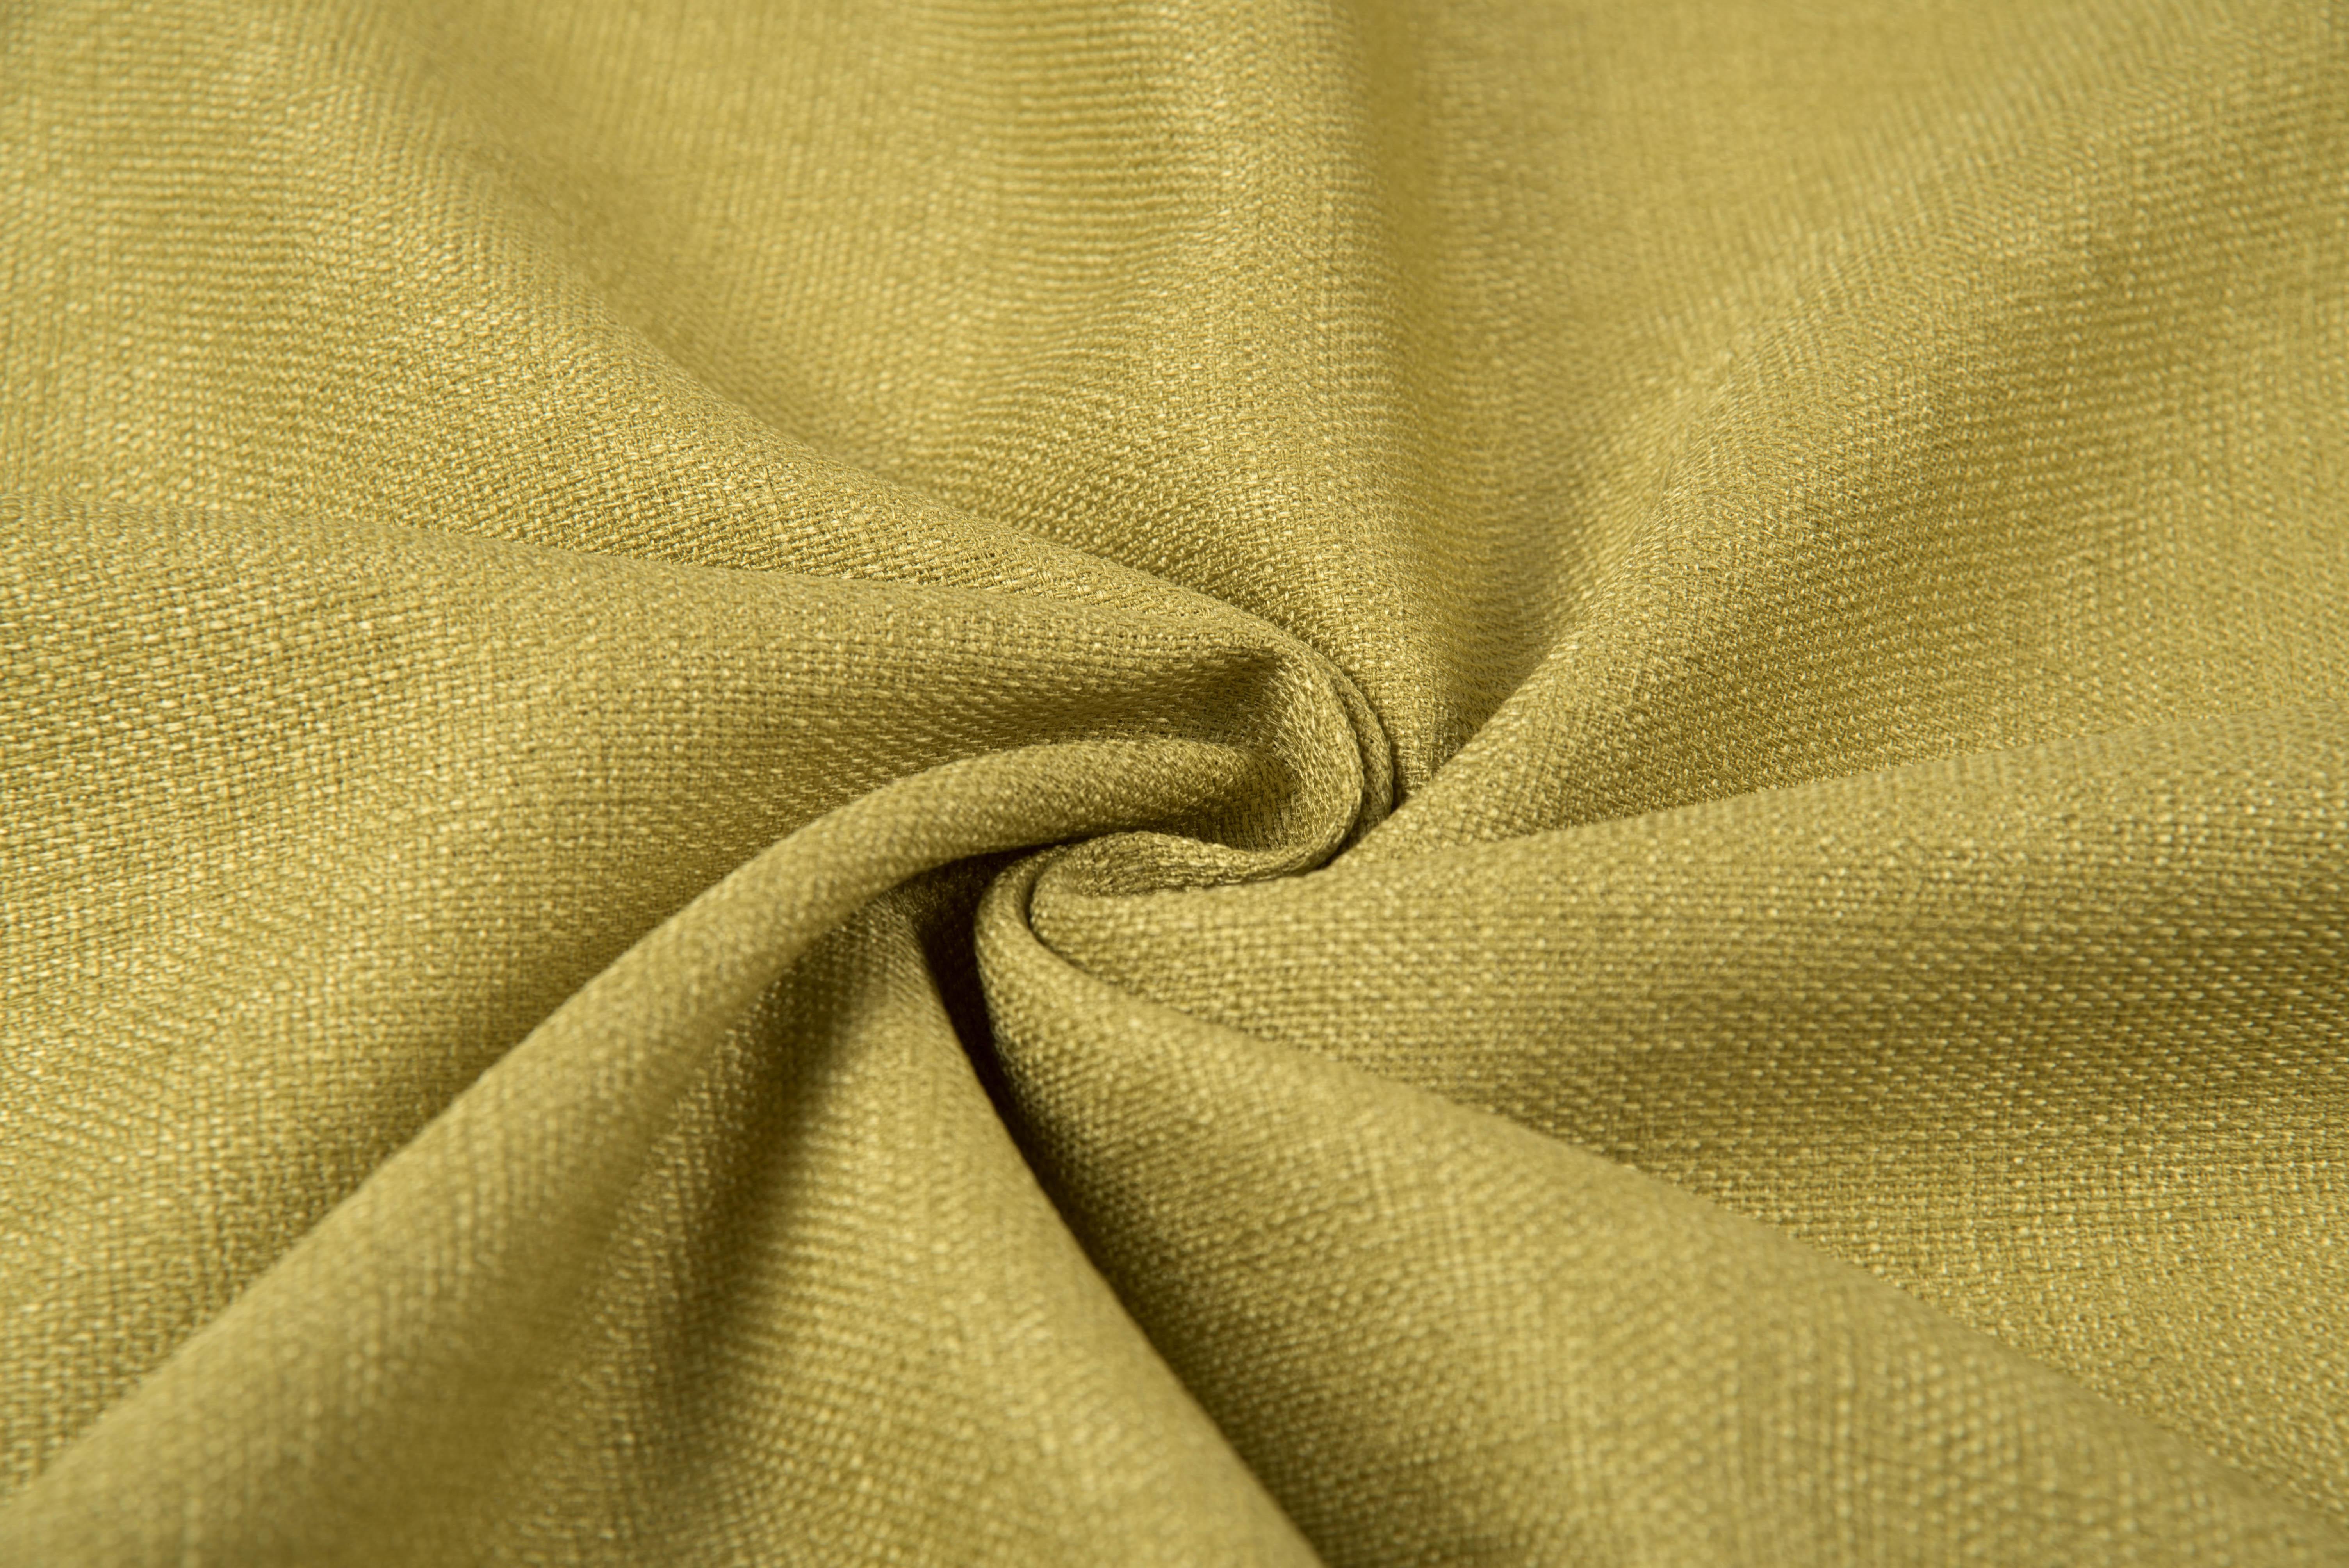 Виды тканей, их классификация и свойства: какие бывают материи для одежды?